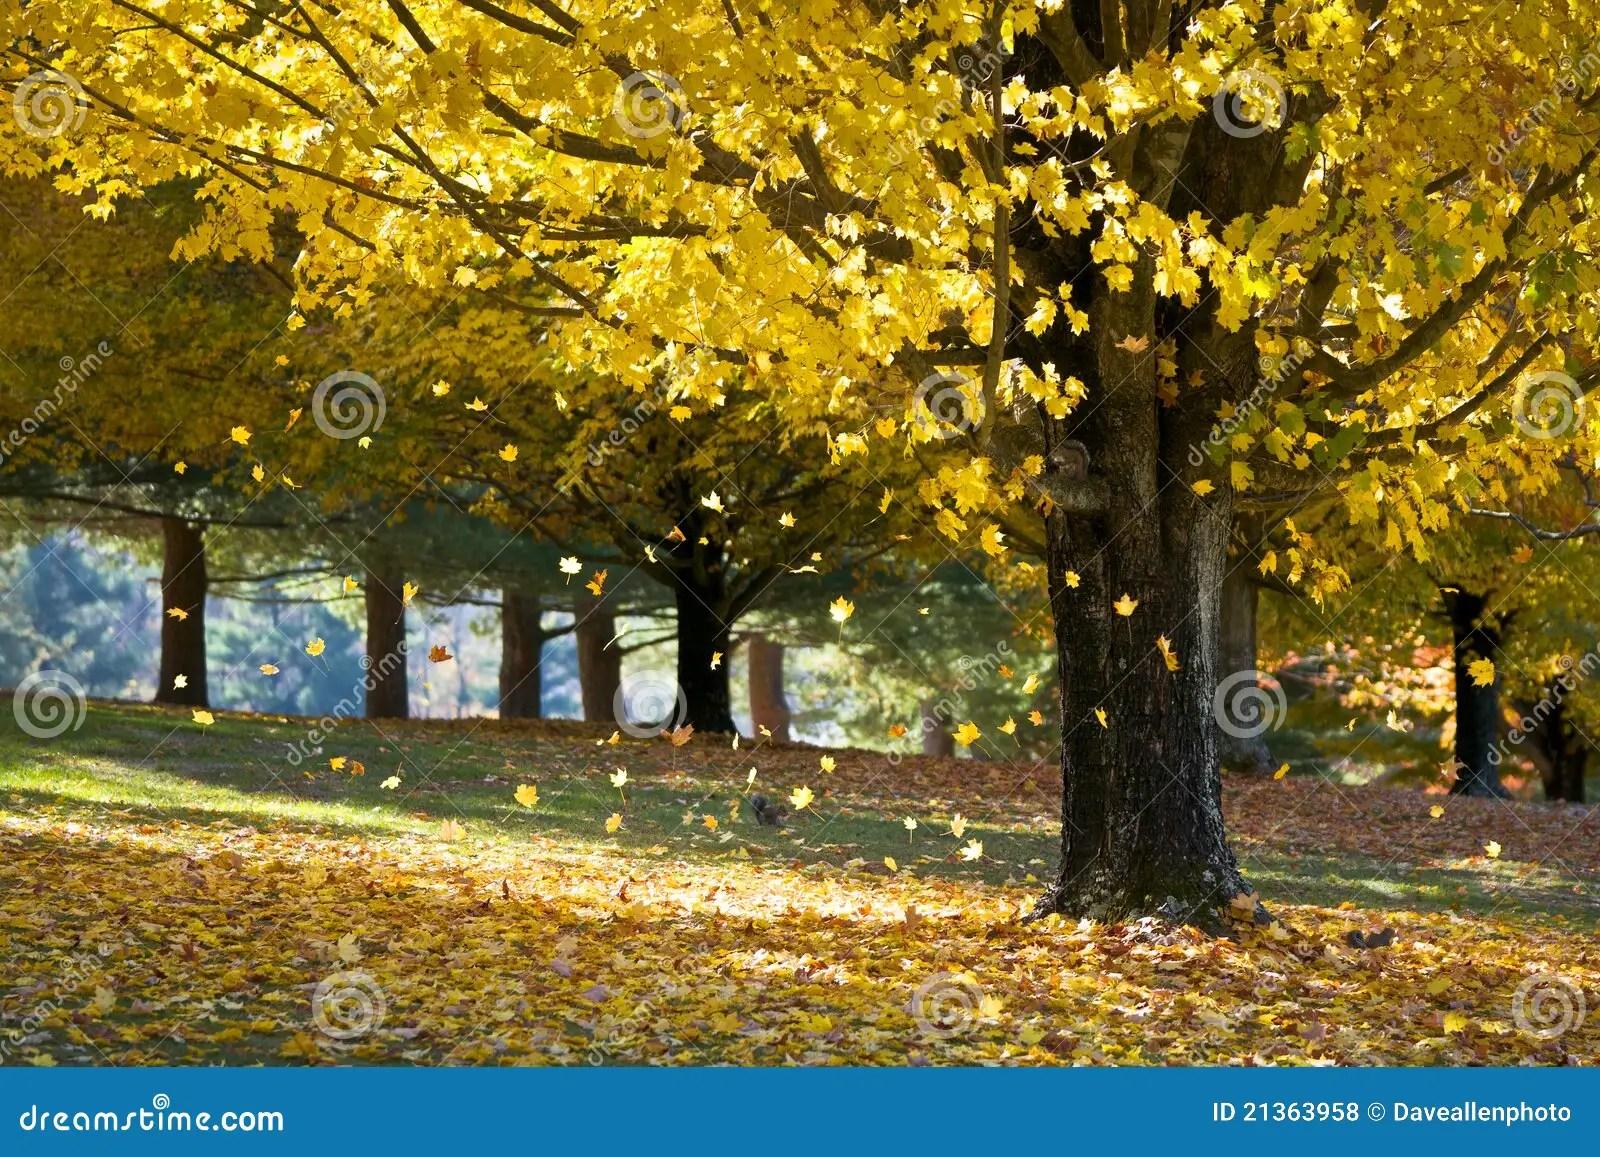 3d Falling Leaves Animated Wallpaper Free Download Folhas De Pl 225 Tano Do Amarelo Da Folha De Queda Da 225 Rvore